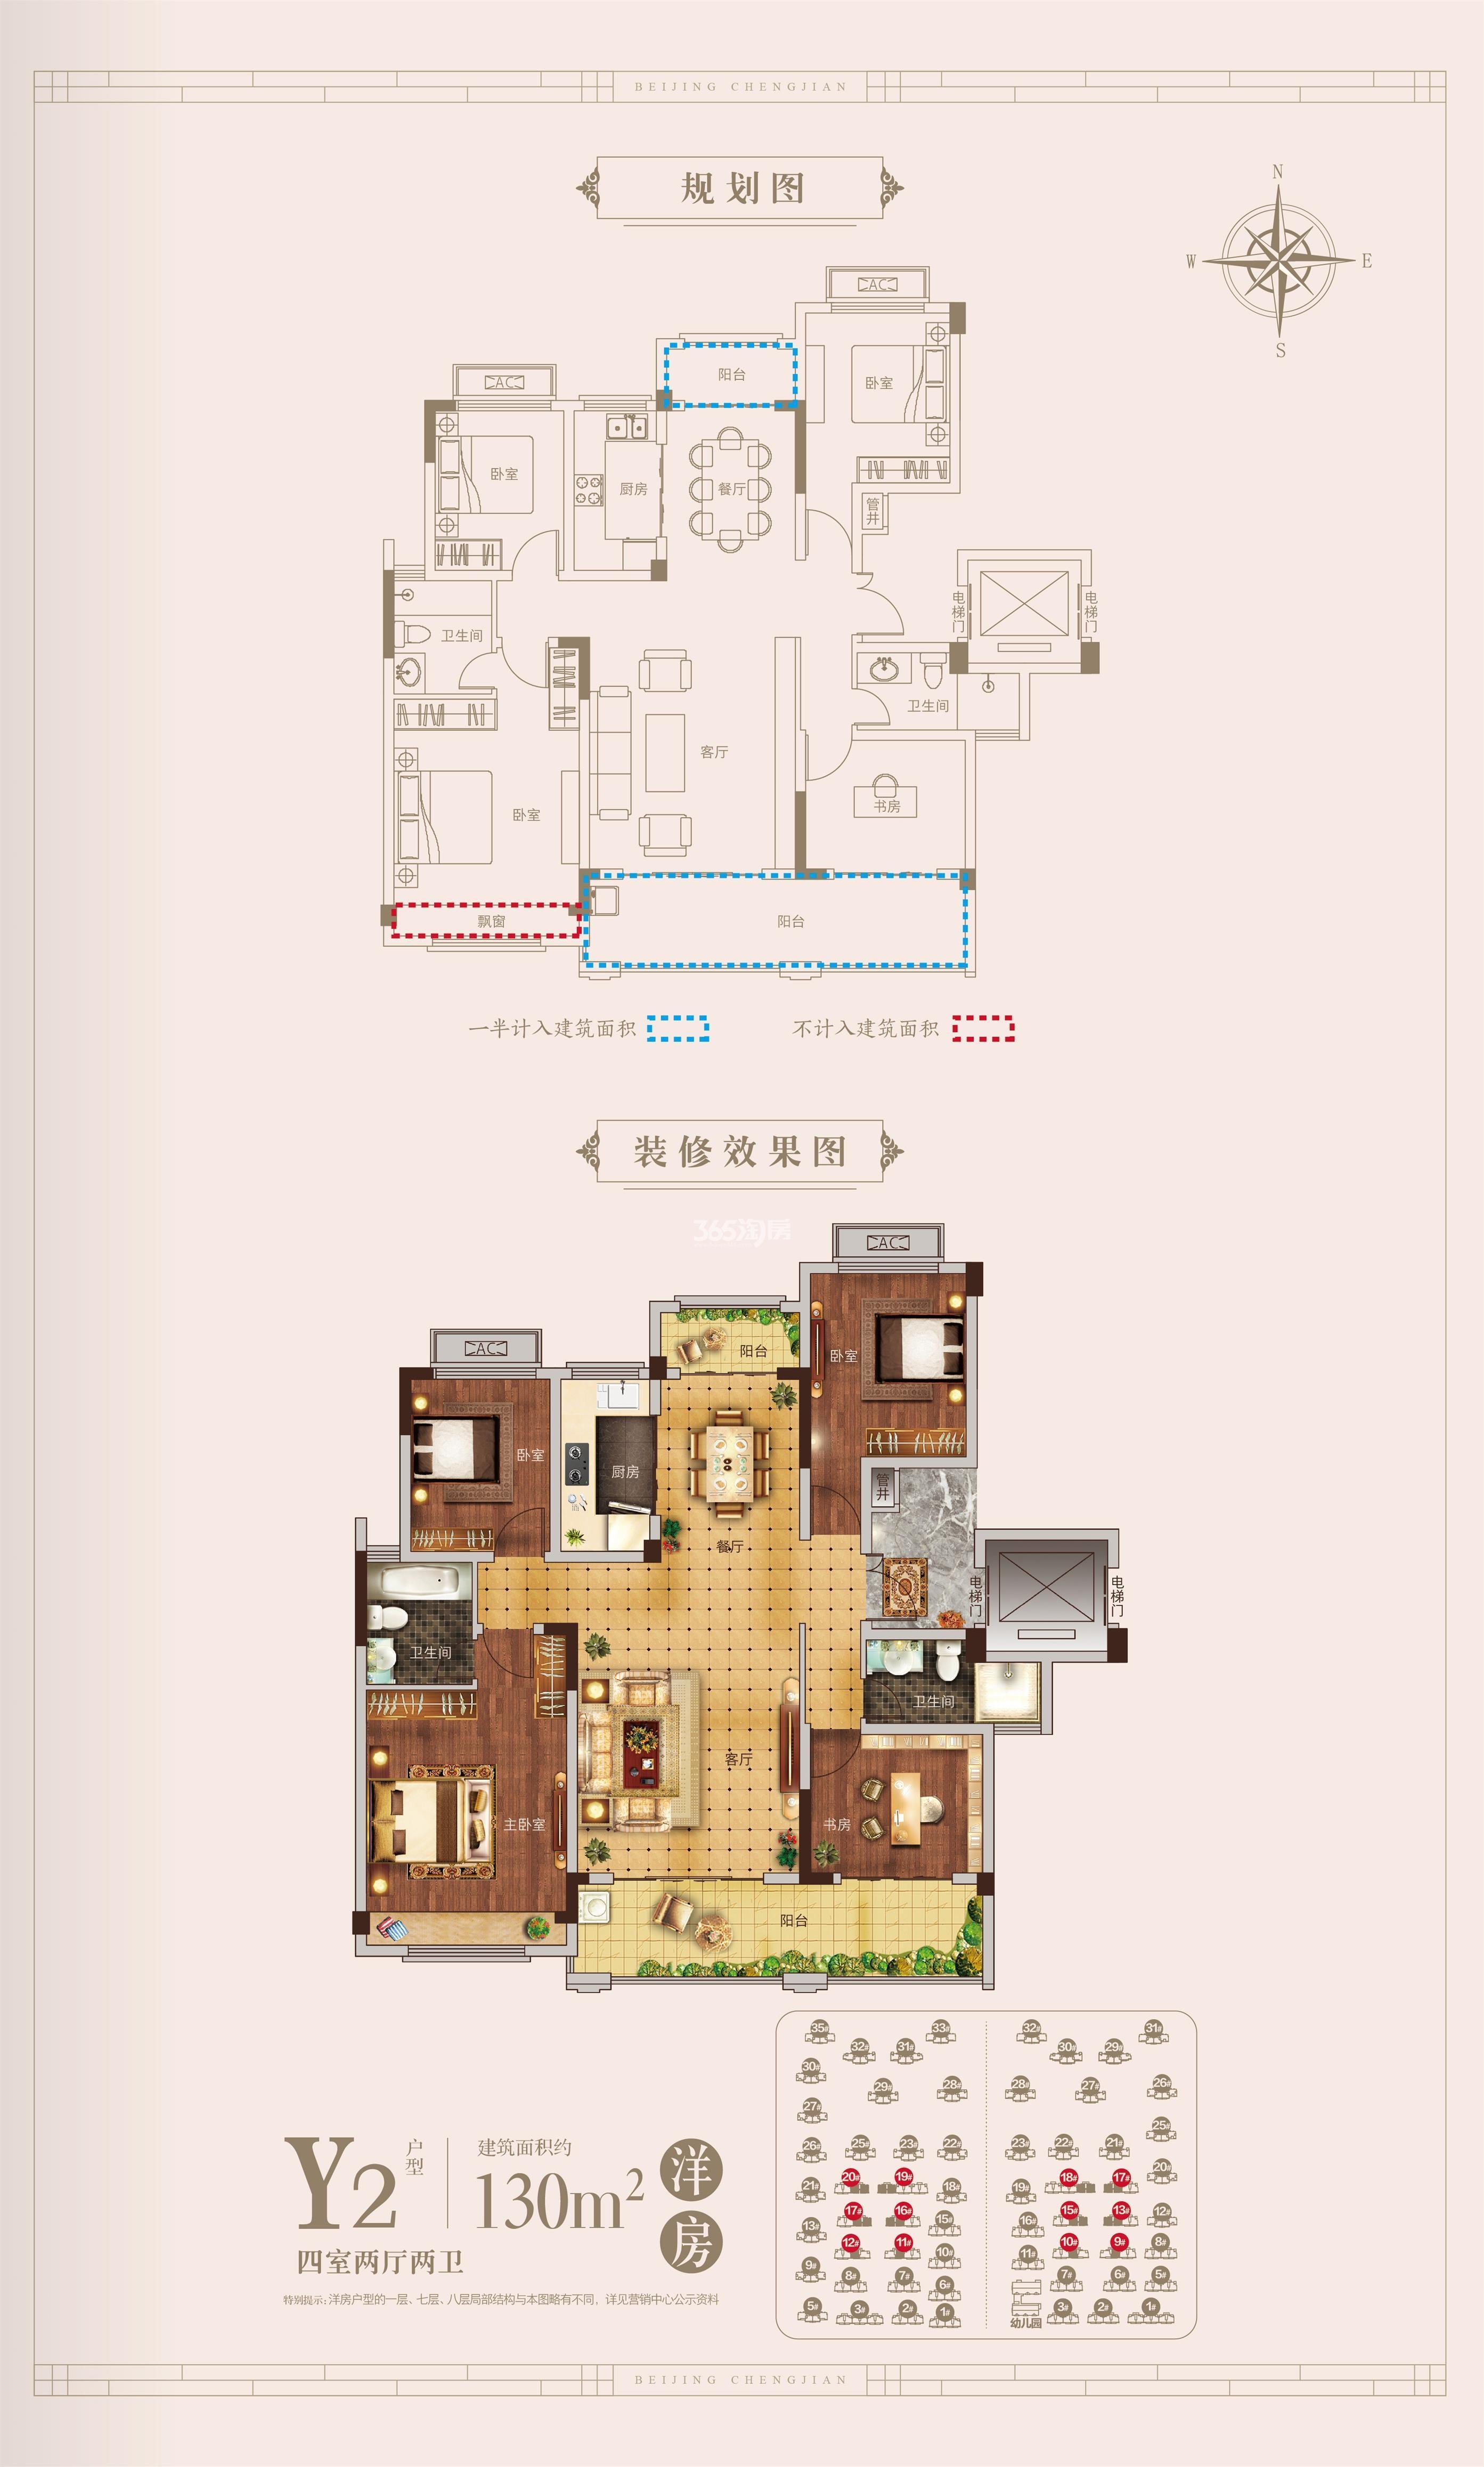 北京城建·国誉锦城130㎡户型图